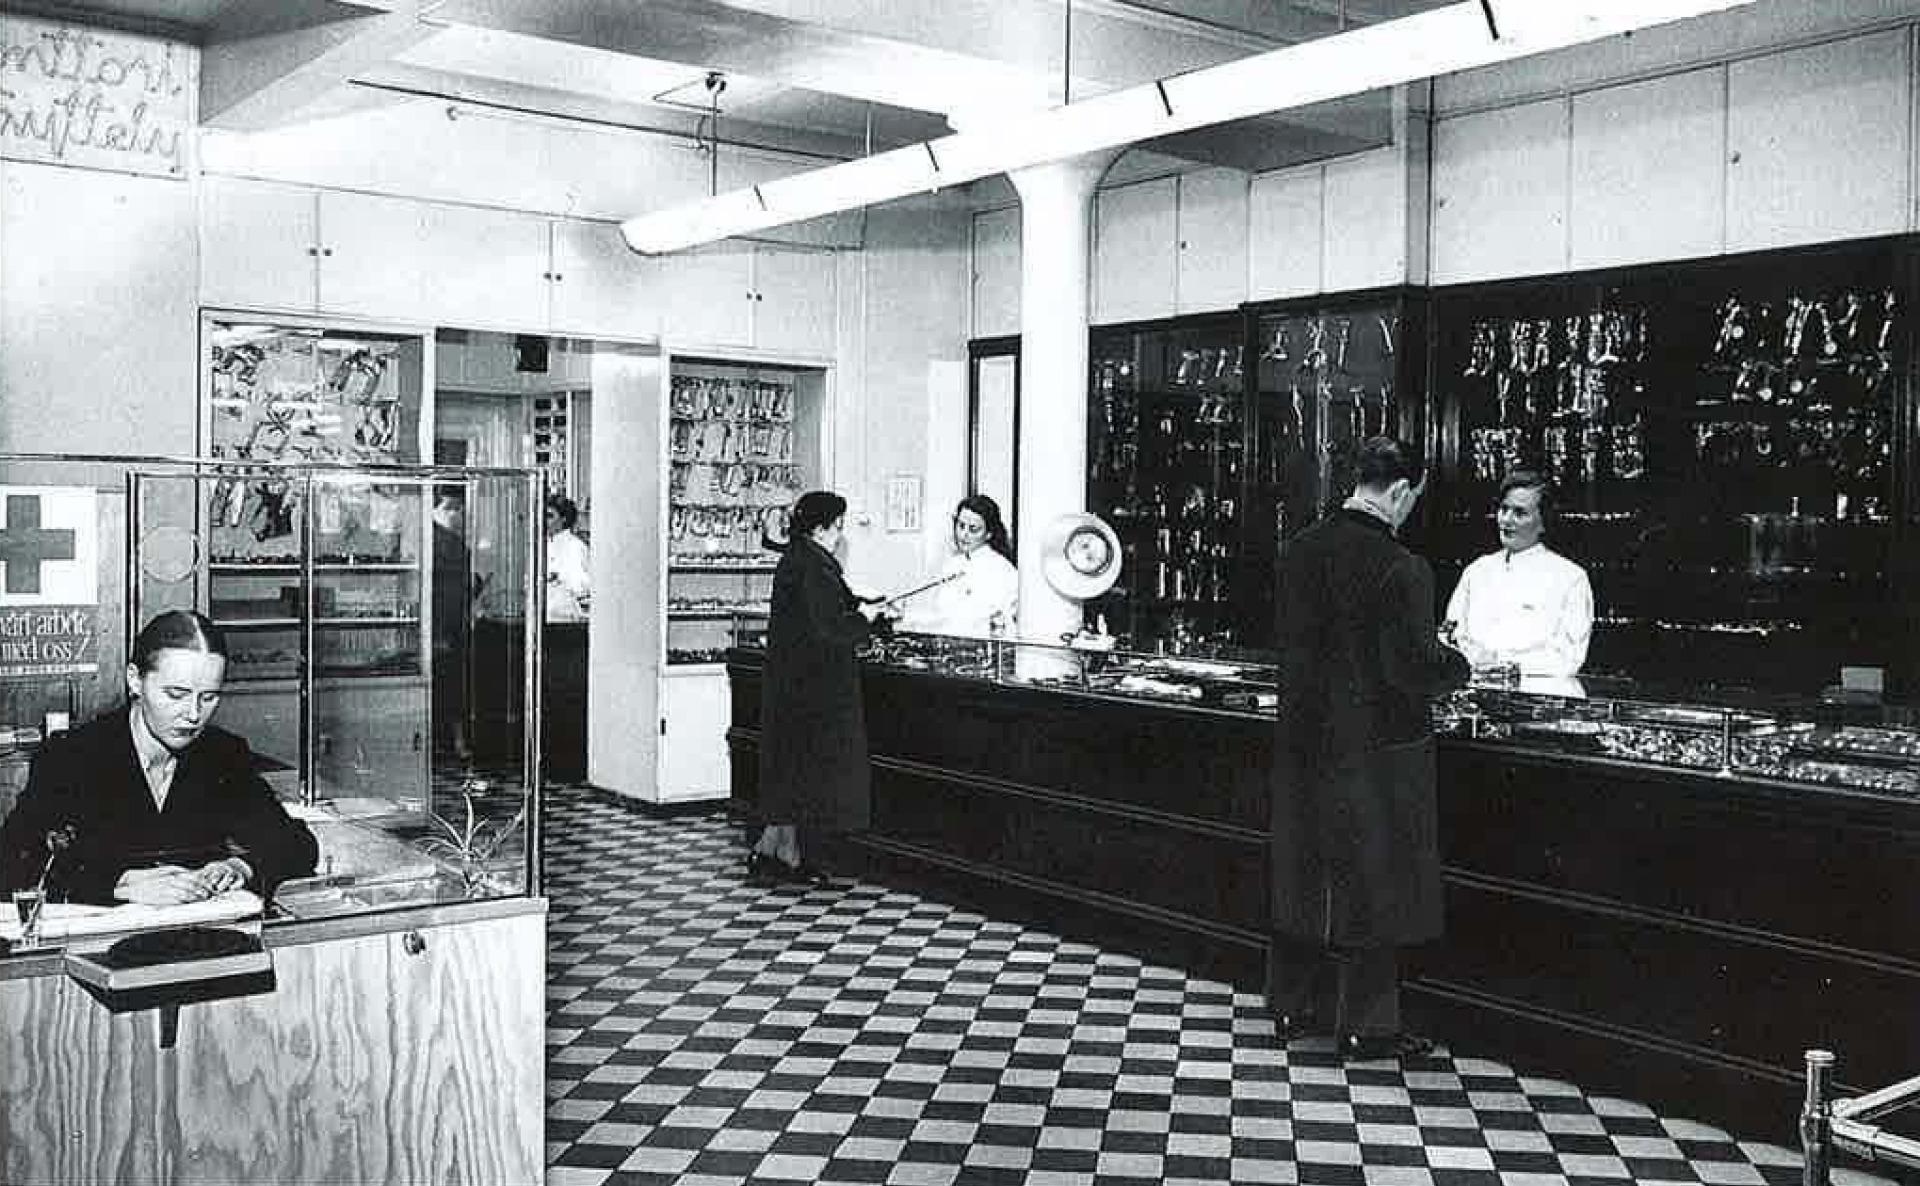 Instrumentariumin Aleksin myymälän sisätilat 1950 -luvulla.